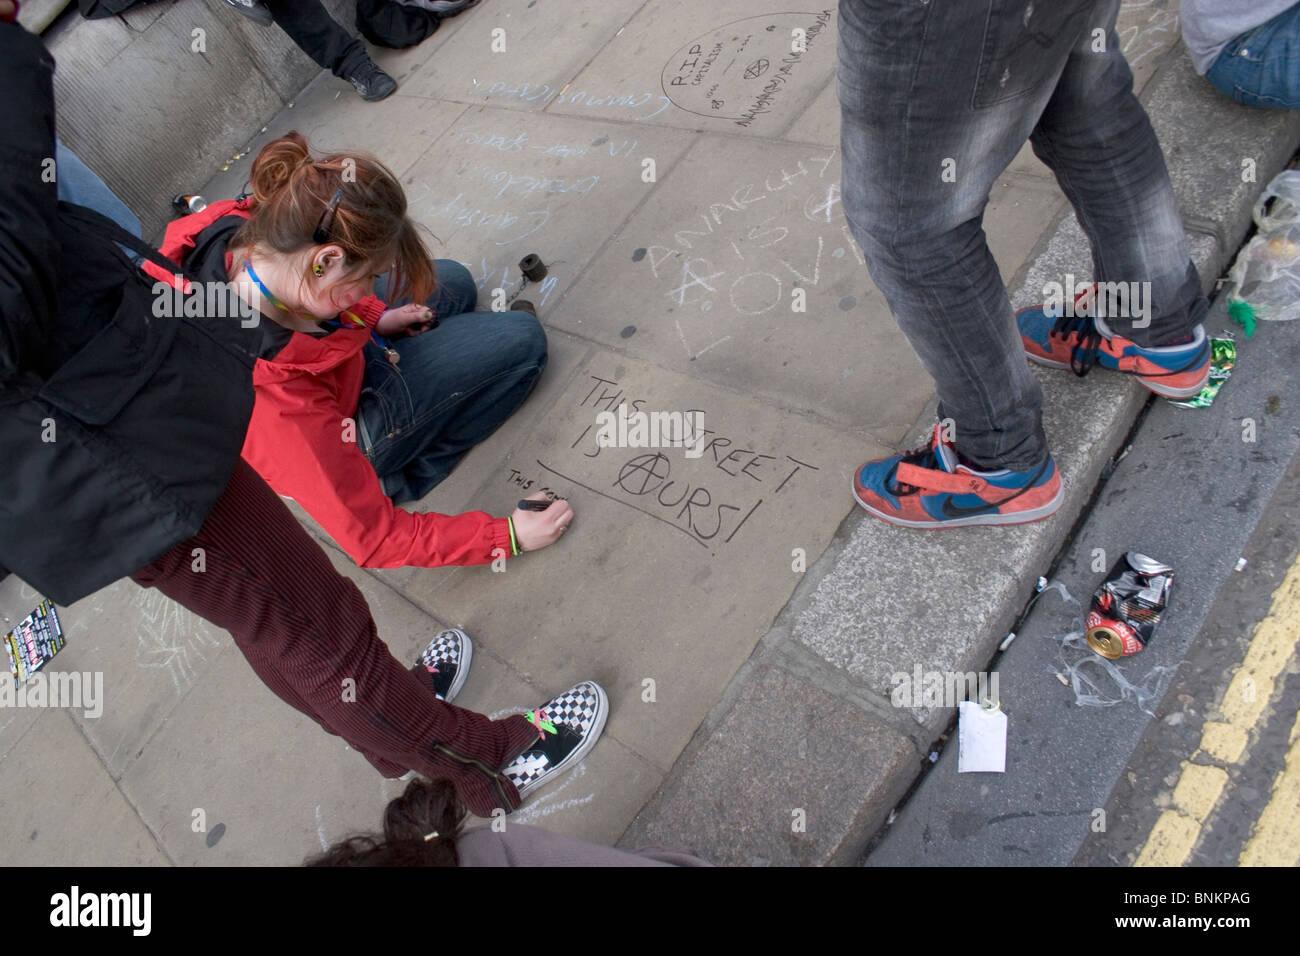 Ragazza scrivendo 'Questa strada è nostra' sul marciapiede al di fuori della Banca di Inghilterra durante Immagini Stock